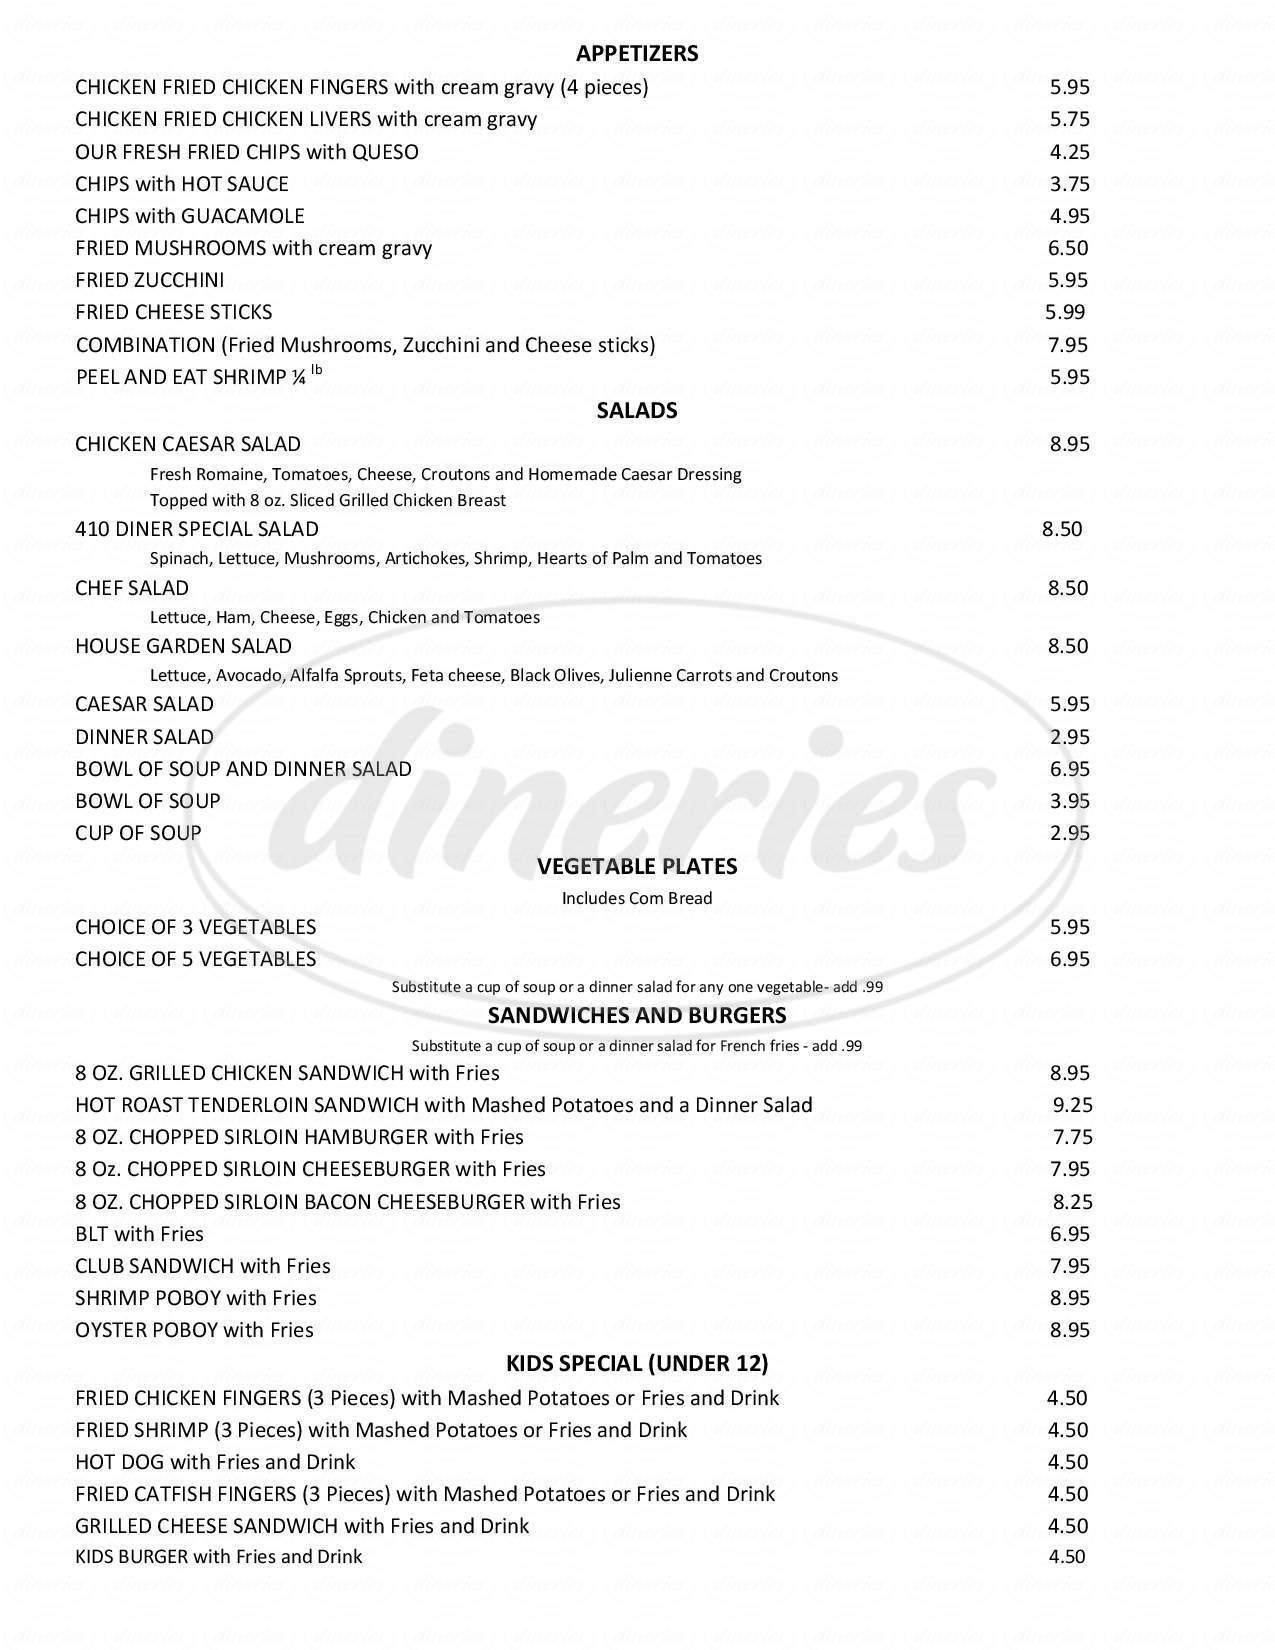 menu for 410 Diner